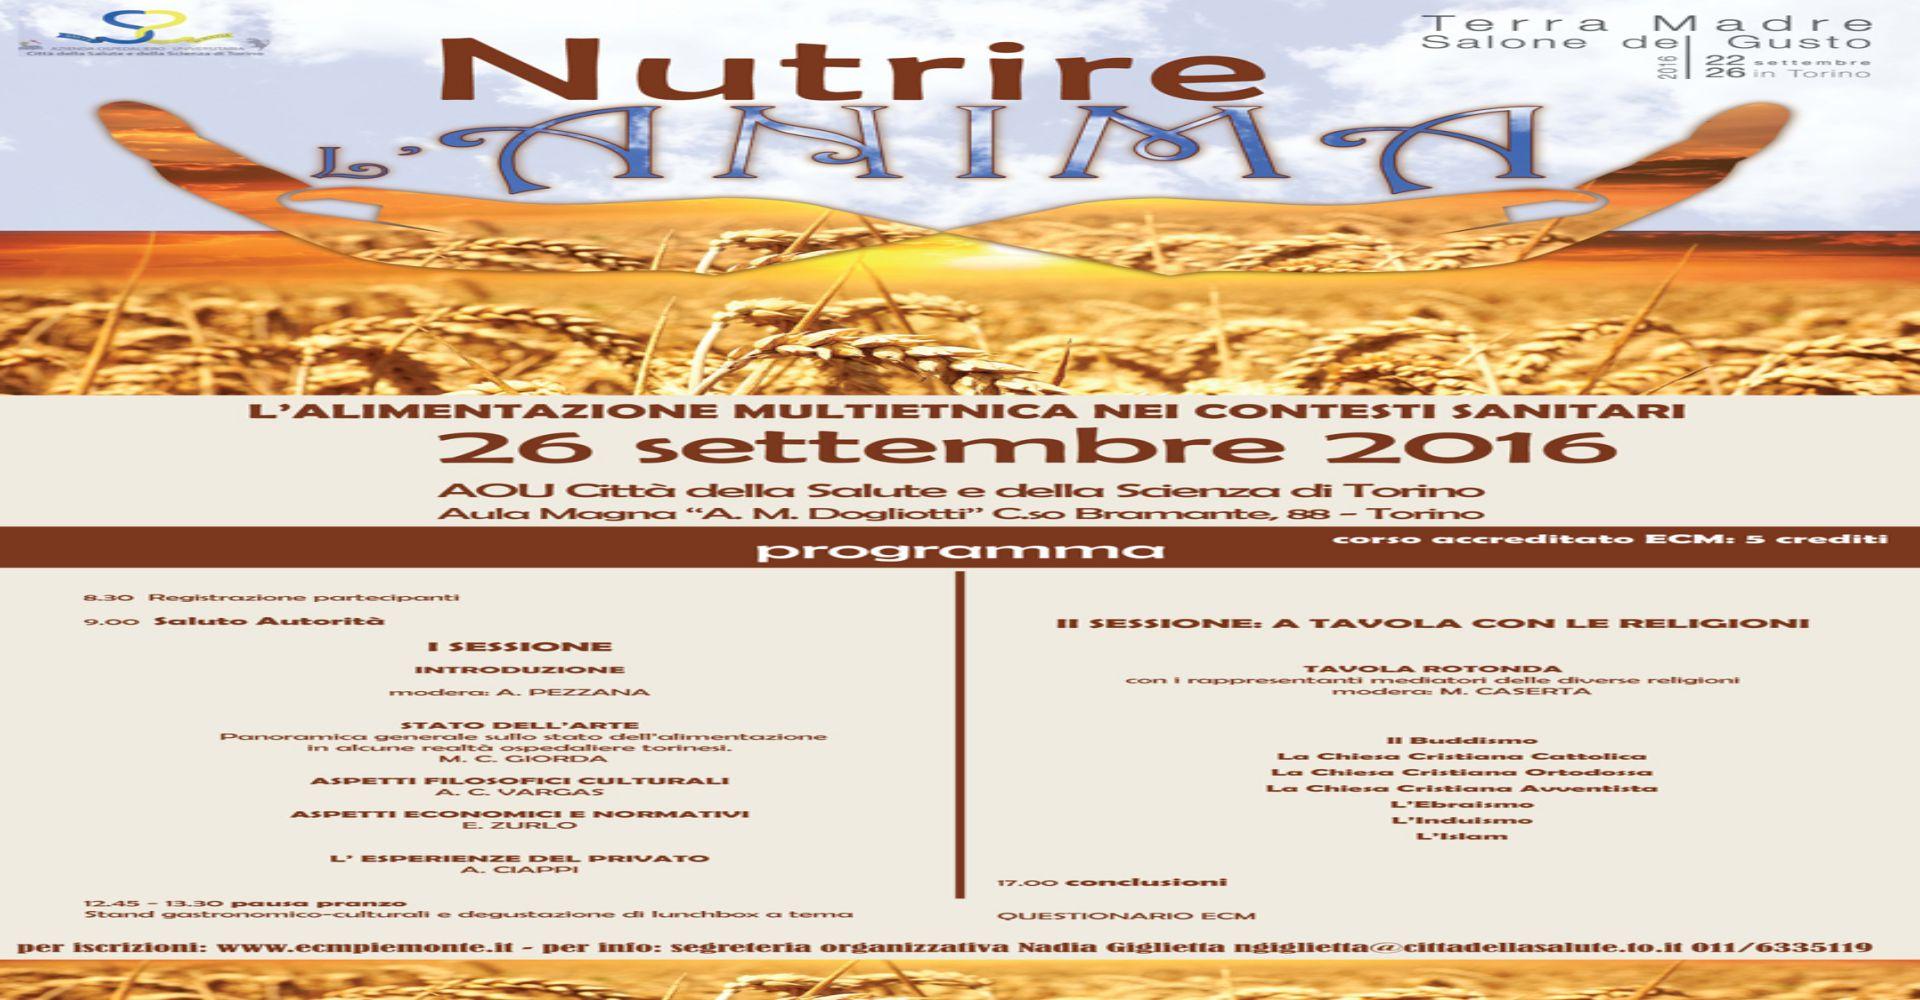 locandina-Nutrire-l'anima_26_settembre_2016_definitiva